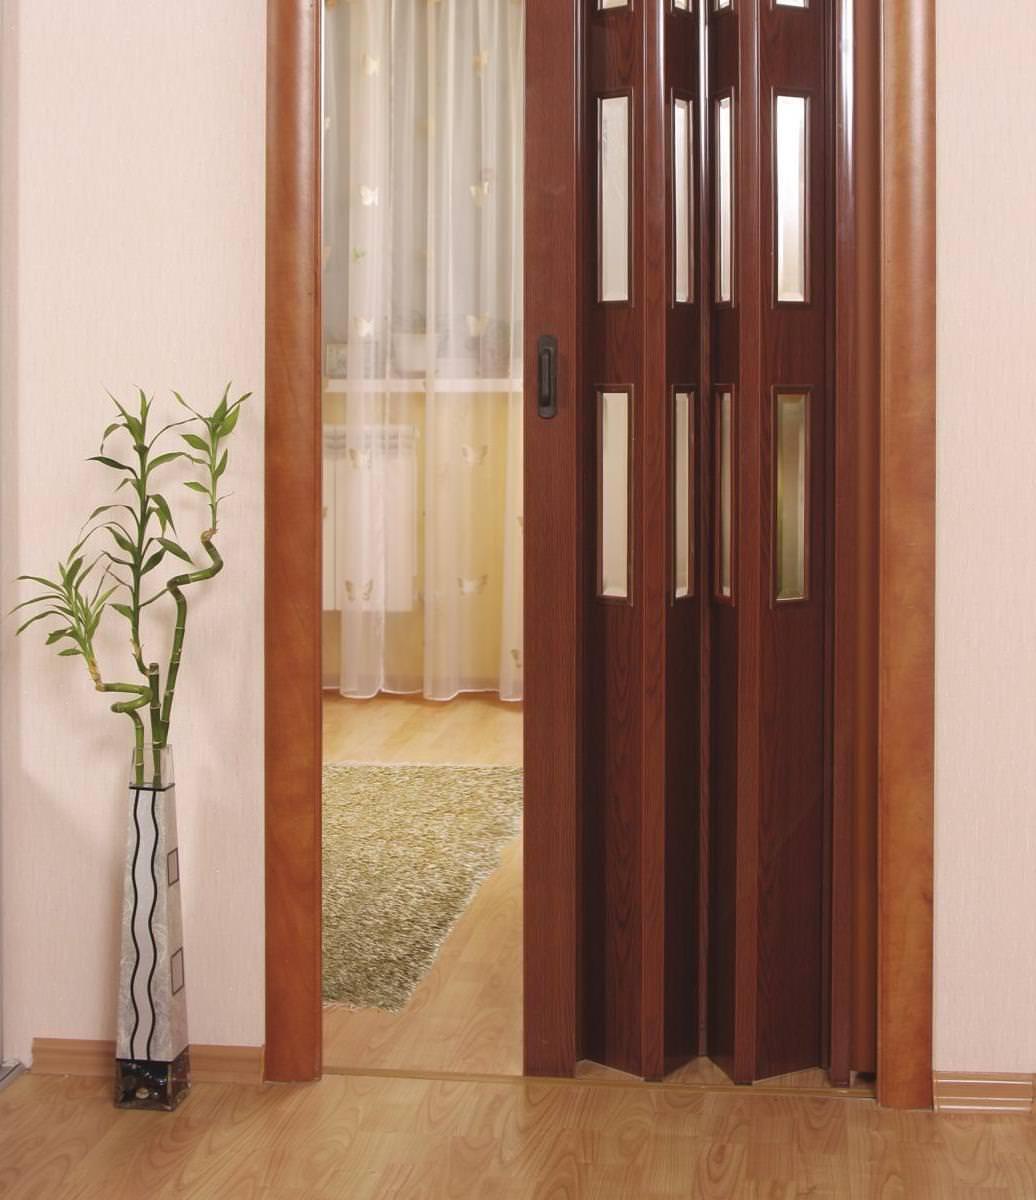 Устанавливаем раздвижную межкомнатную дверь